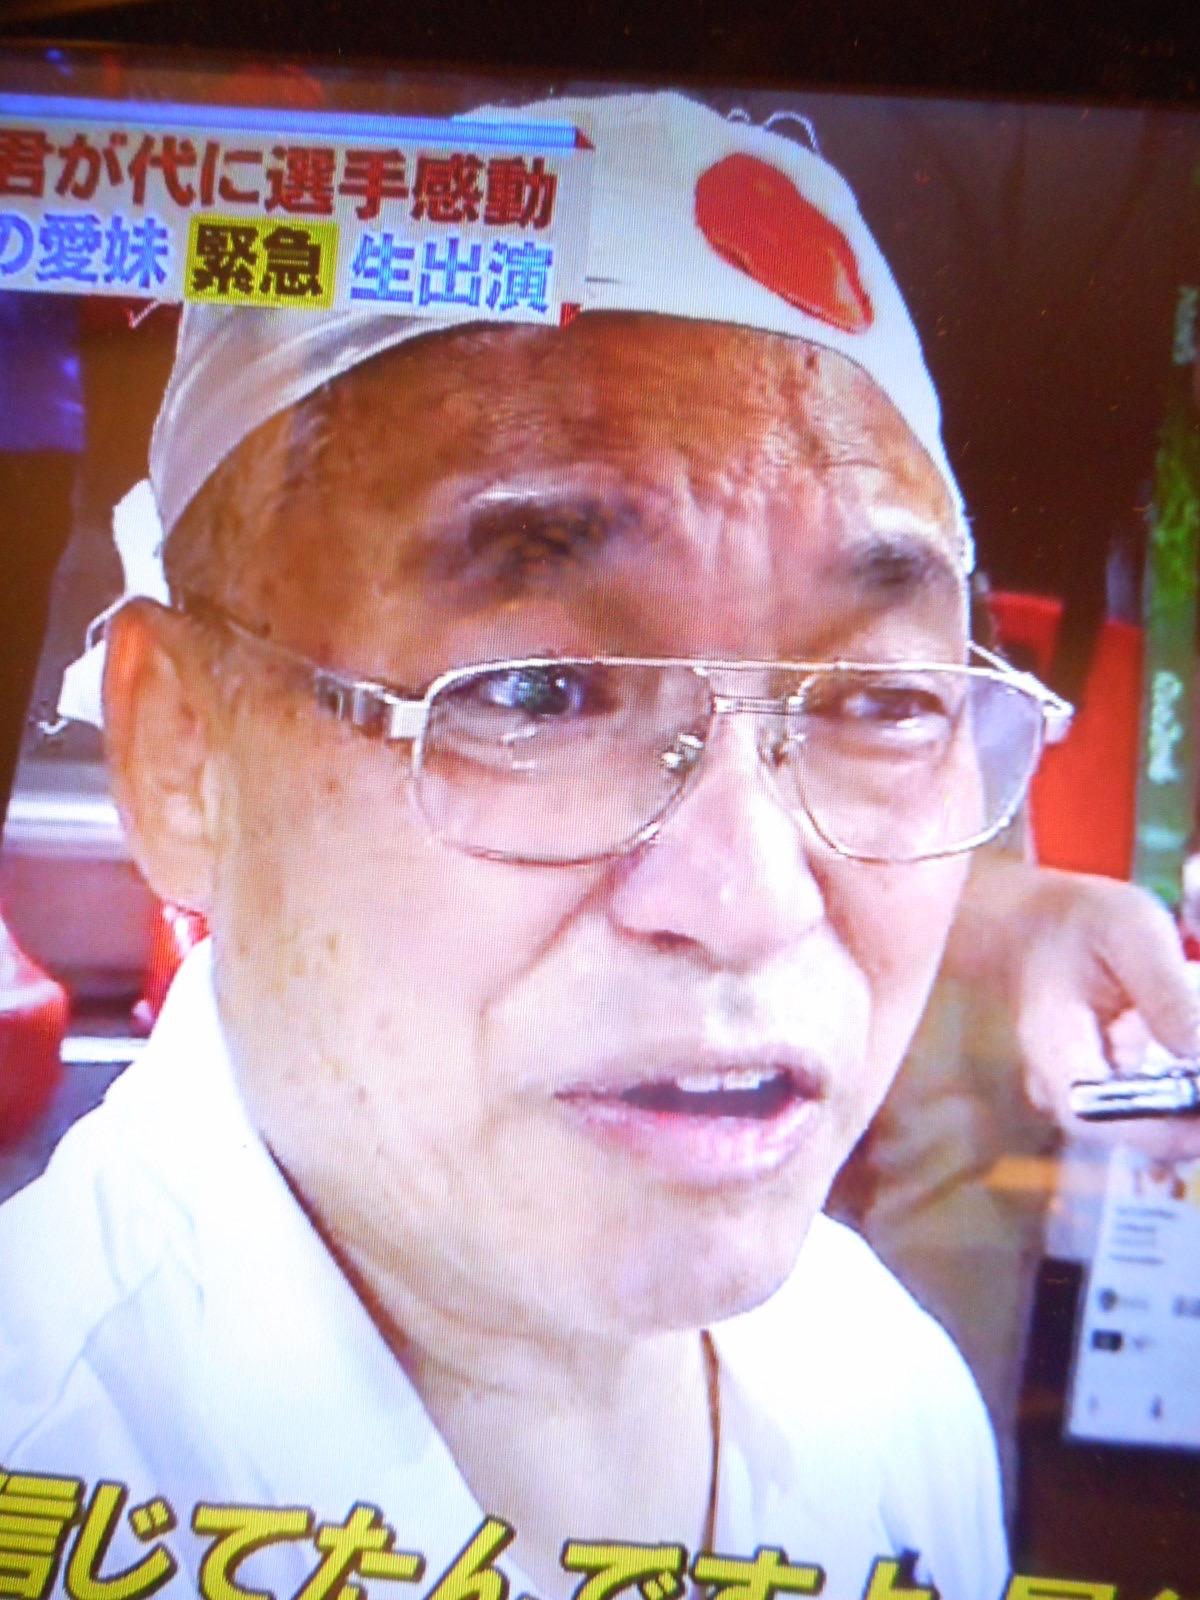 メガネ警察_白井君のお父さん